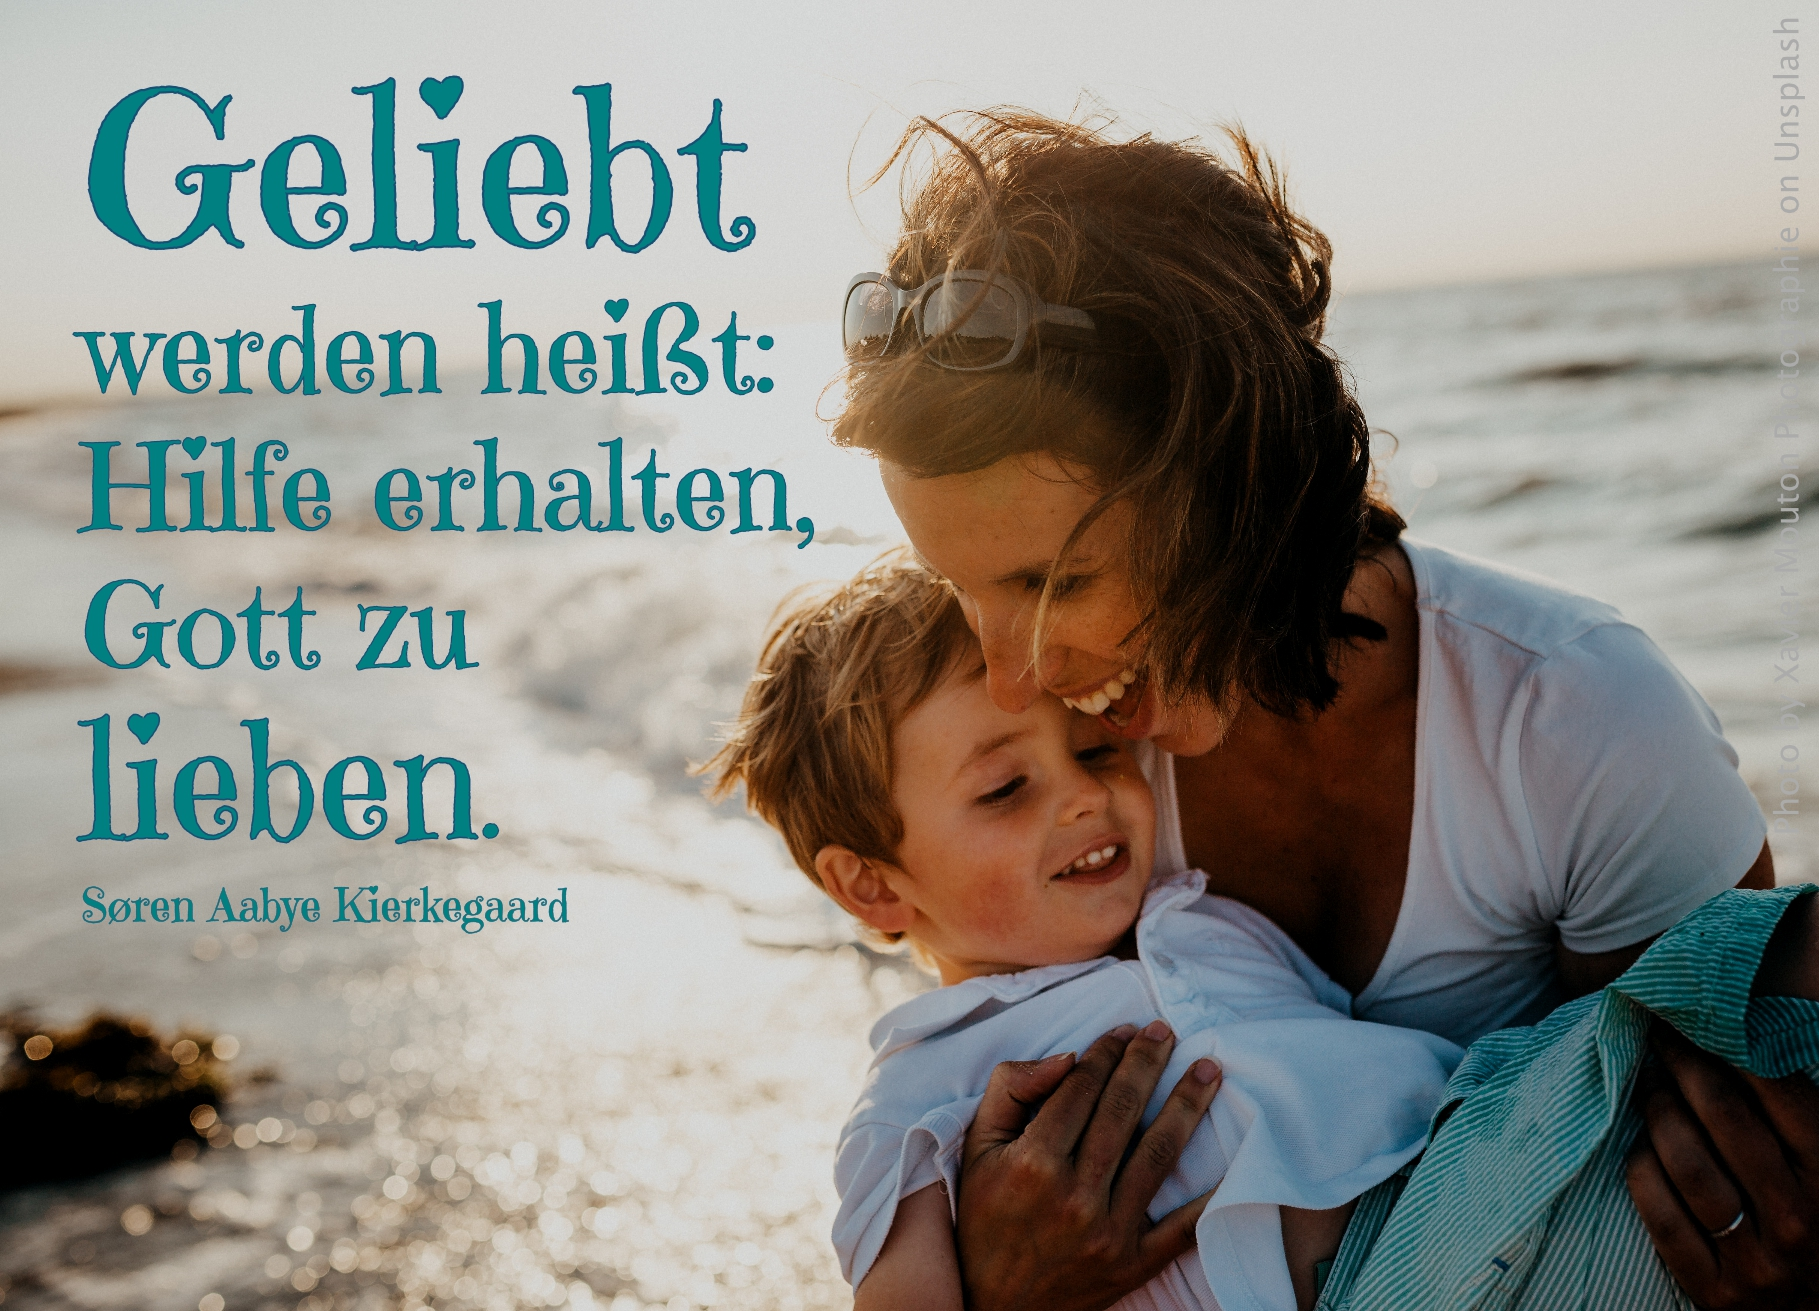 Mutter mit Sohn auf dem Arm glücklich lachend